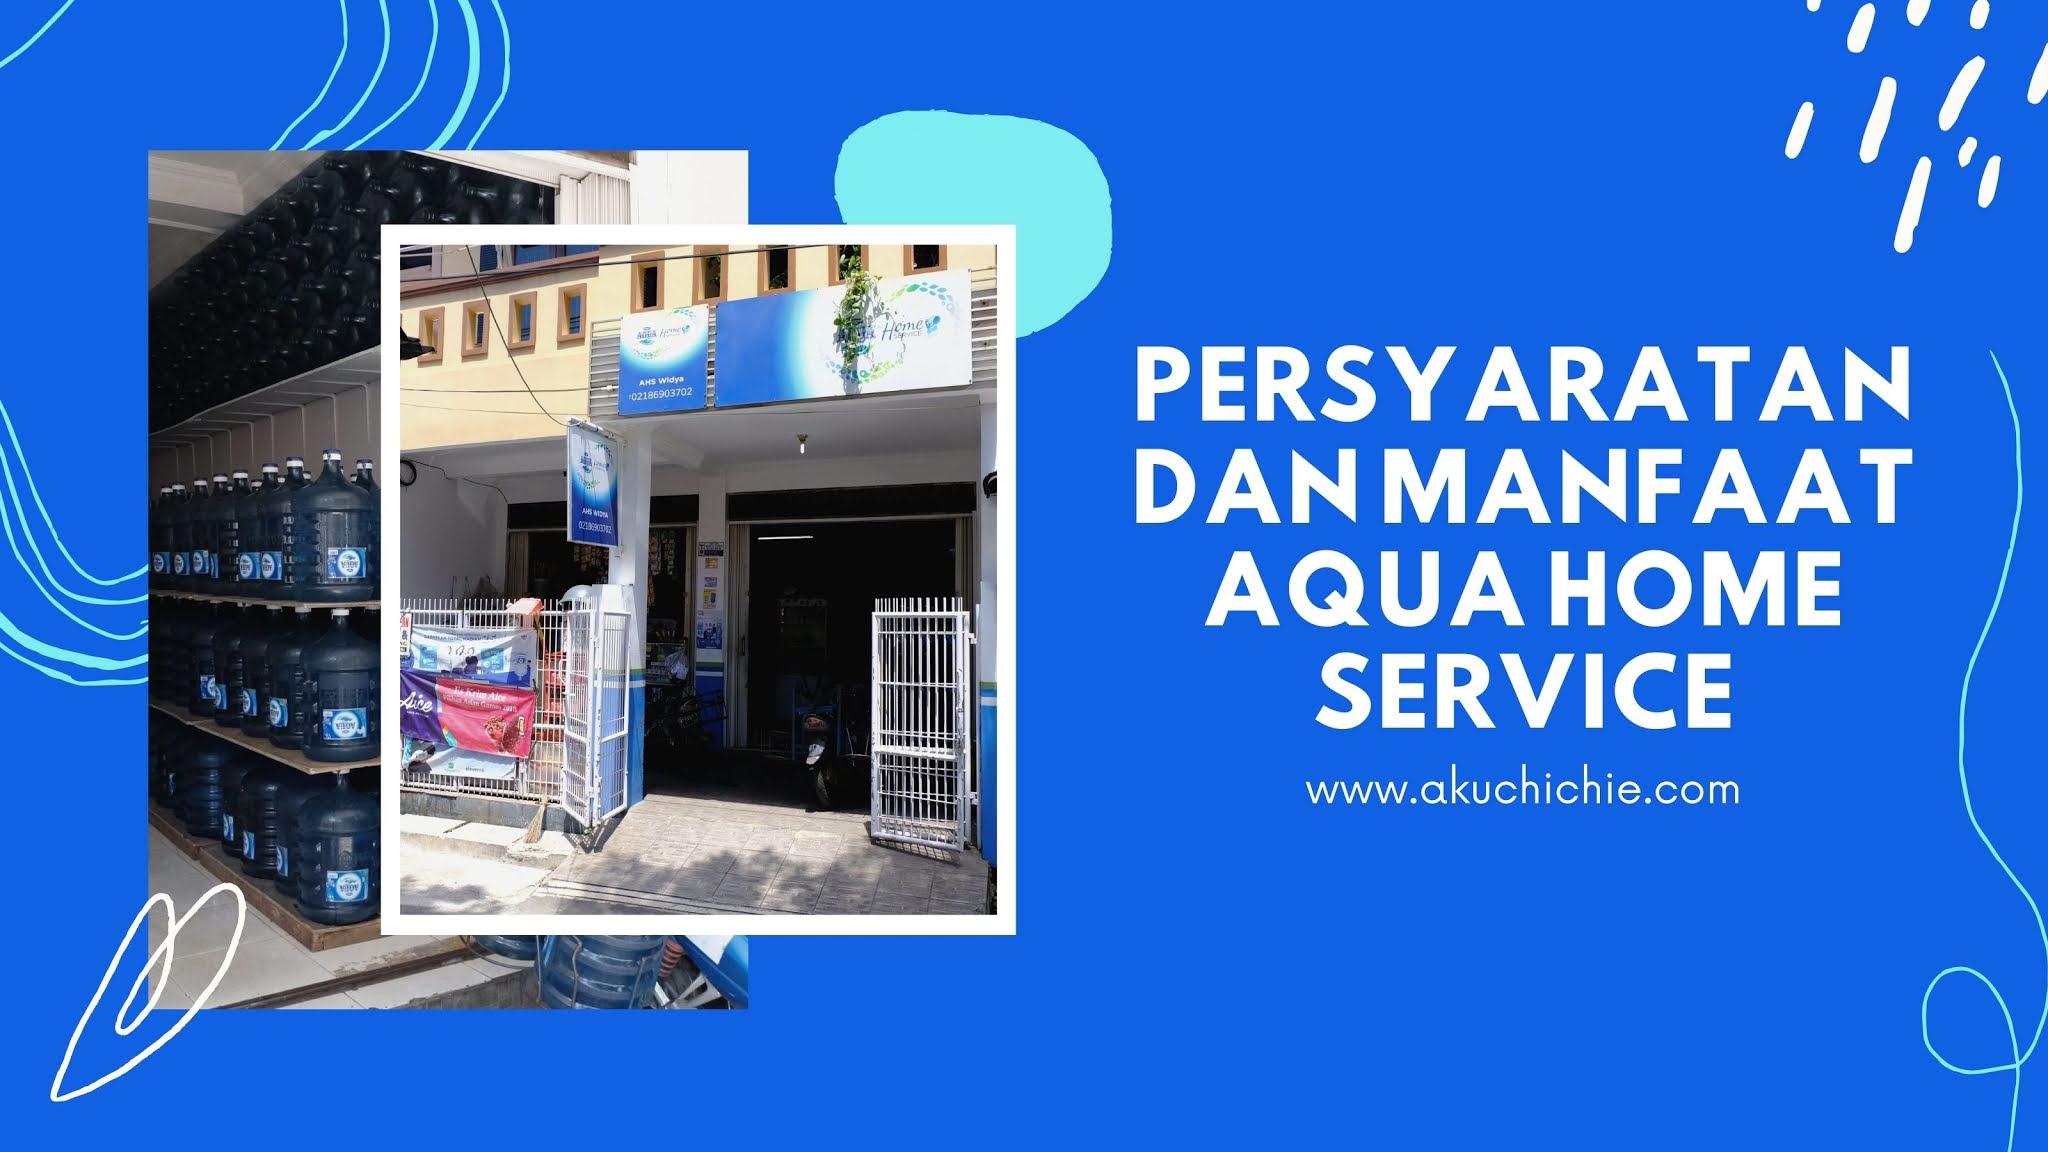 aqua home service